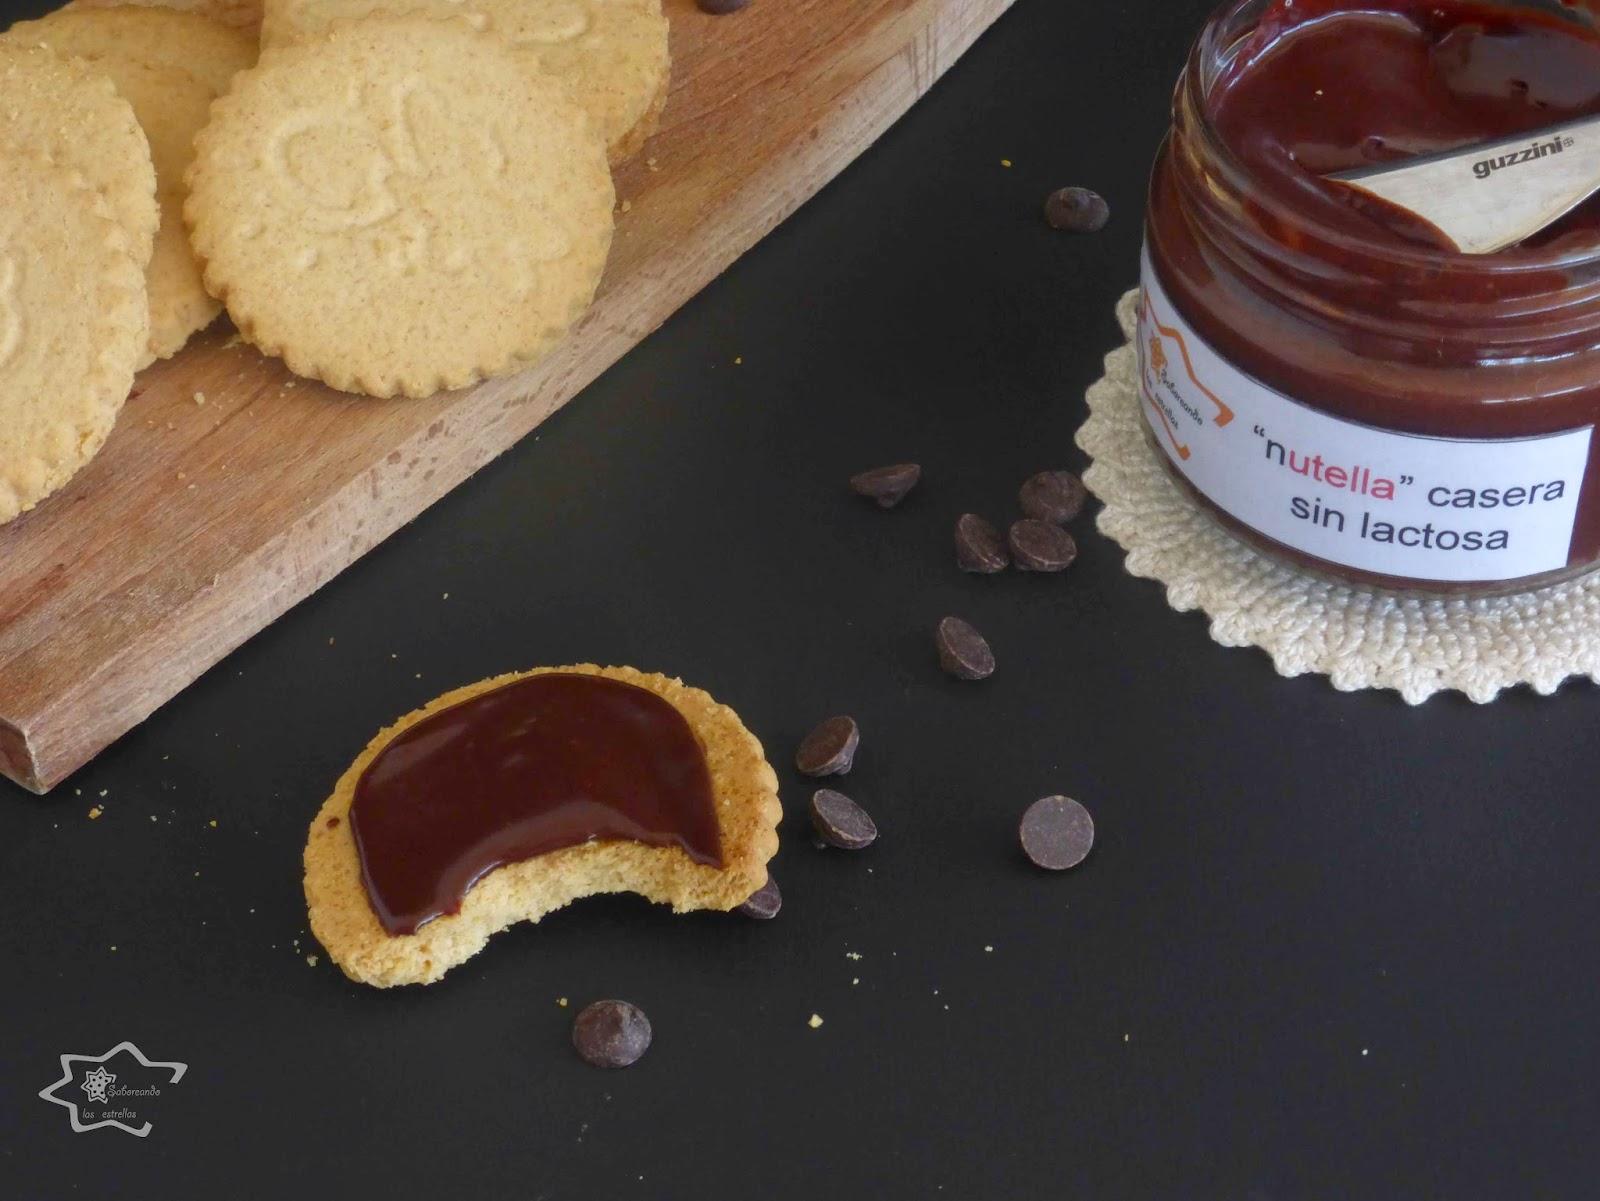 Nutella casera sin lactosa -Saboreando las estrellas-